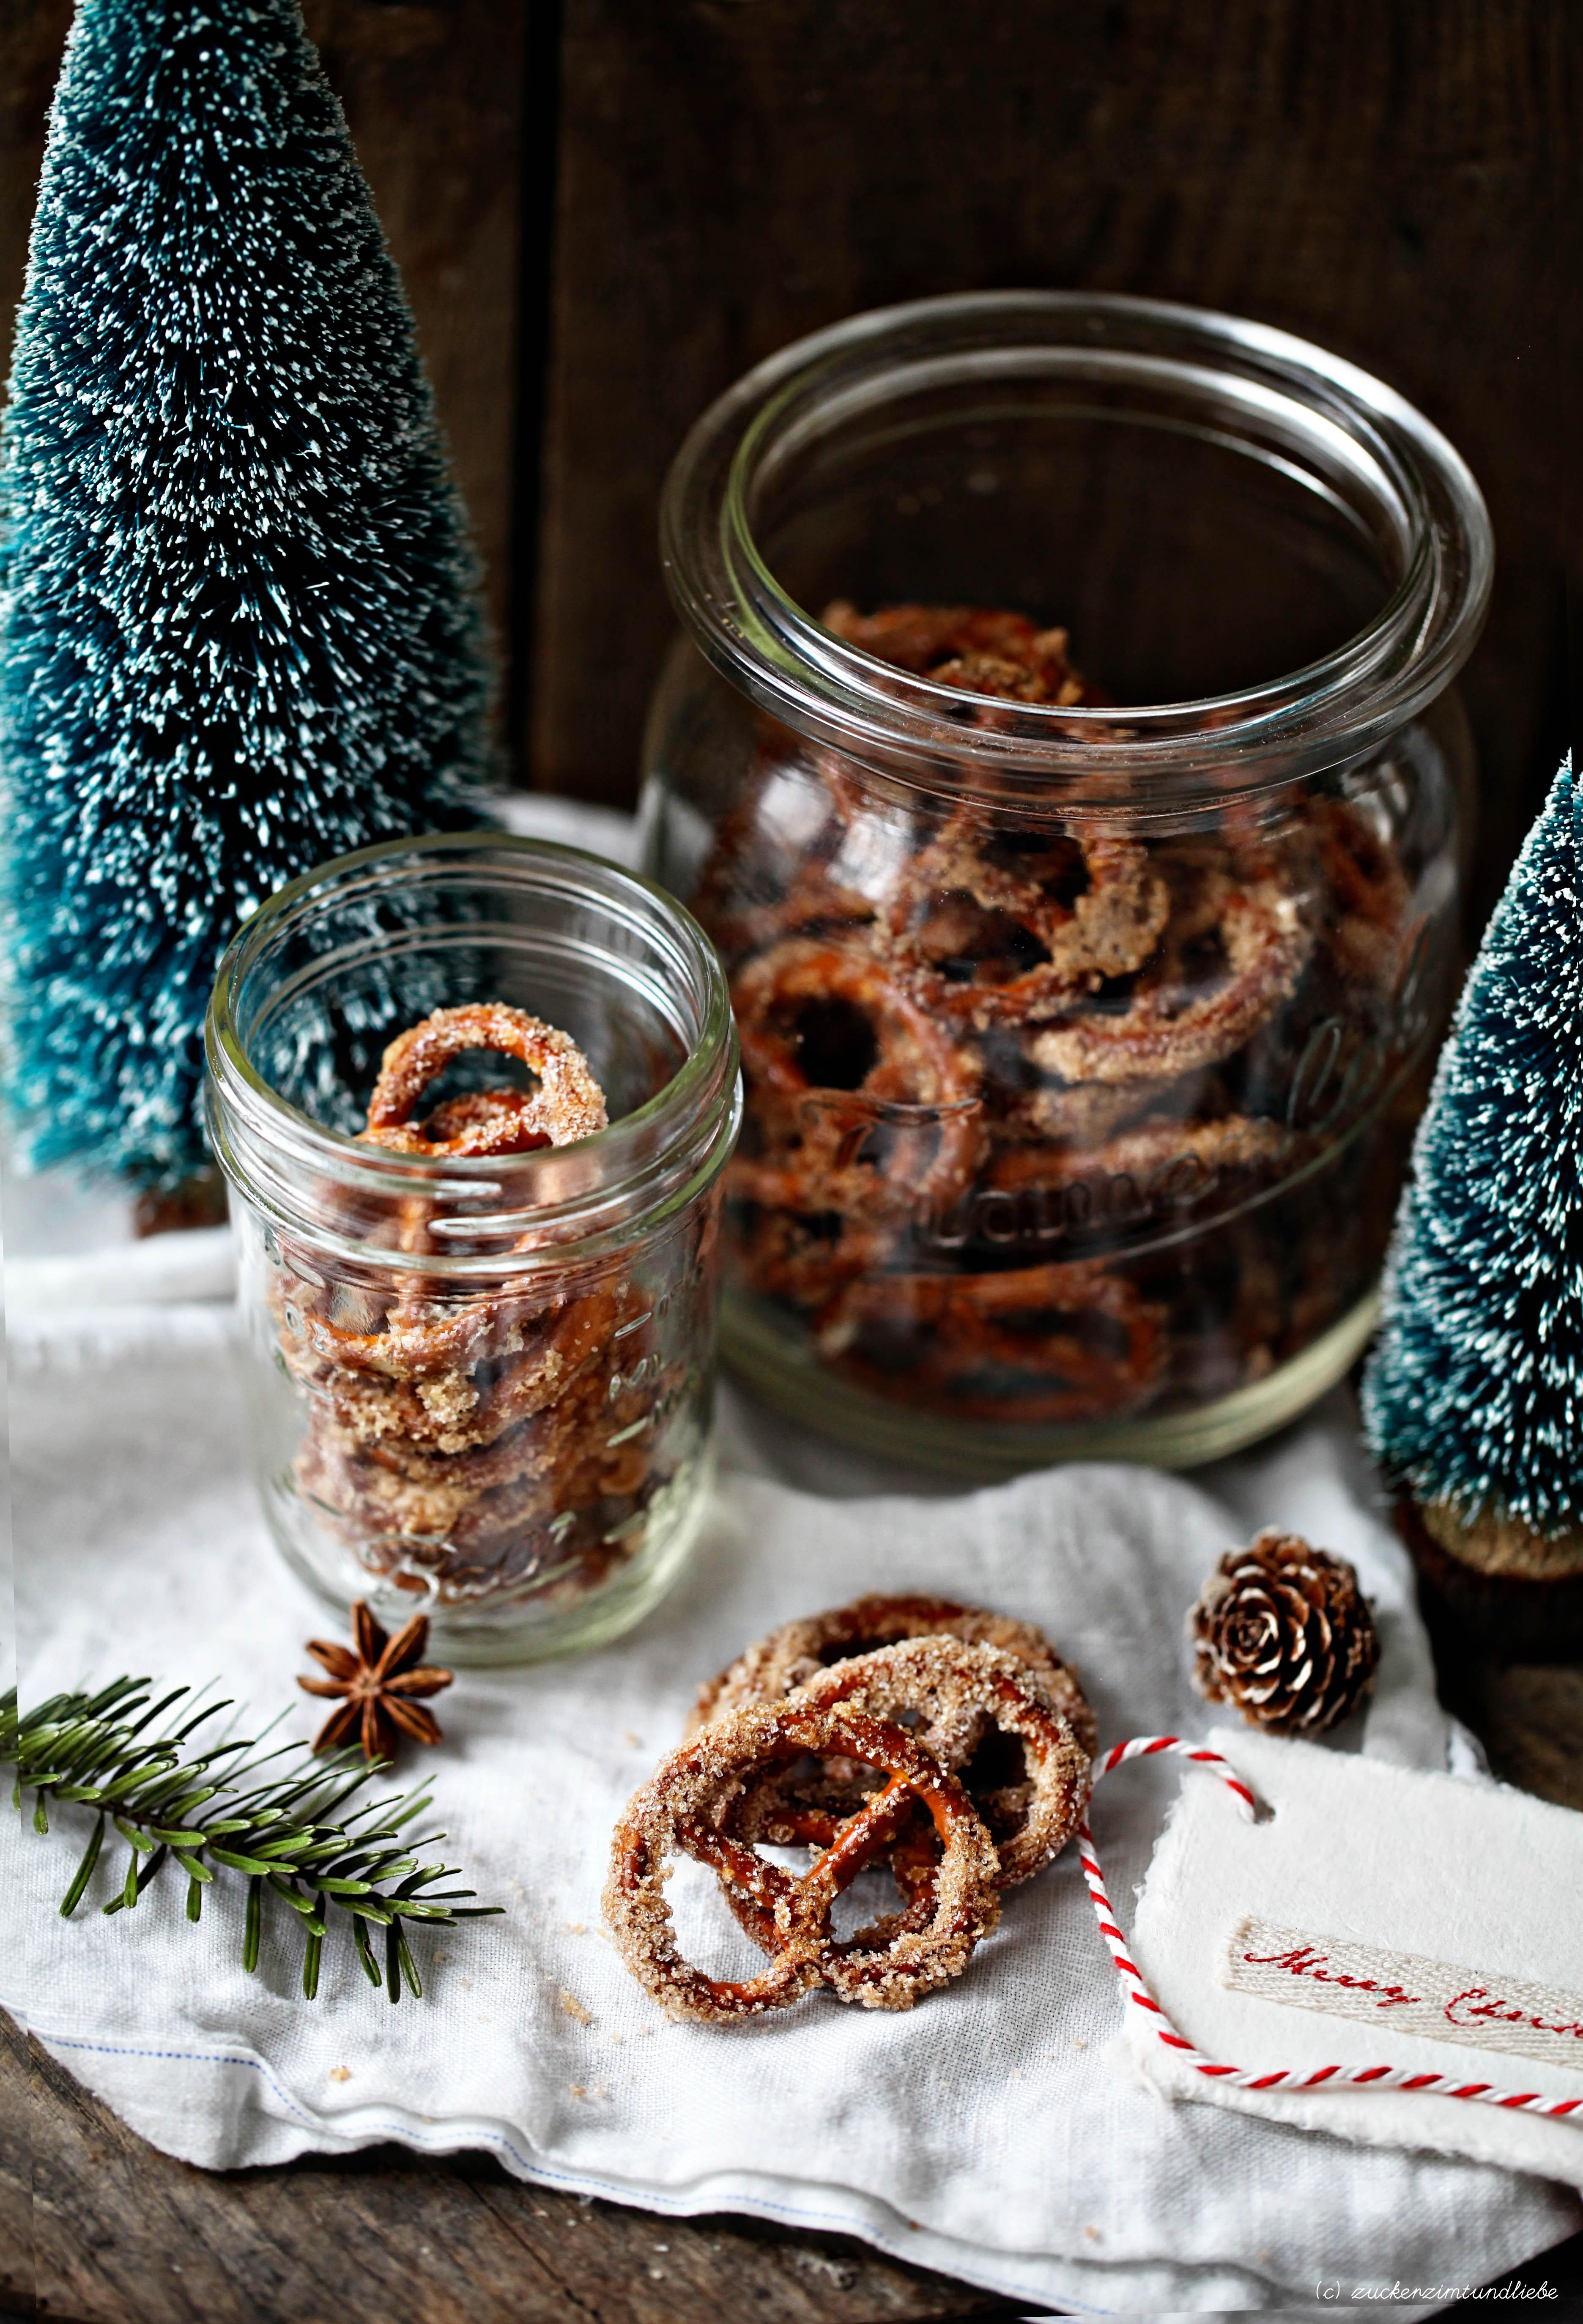 zucker zimt plus brezeln weihnachtliche gebrannte zuckerzimtbrezn eine m ncheninspirierte. Black Bedroom Furniture Sets. Home Design Ideas